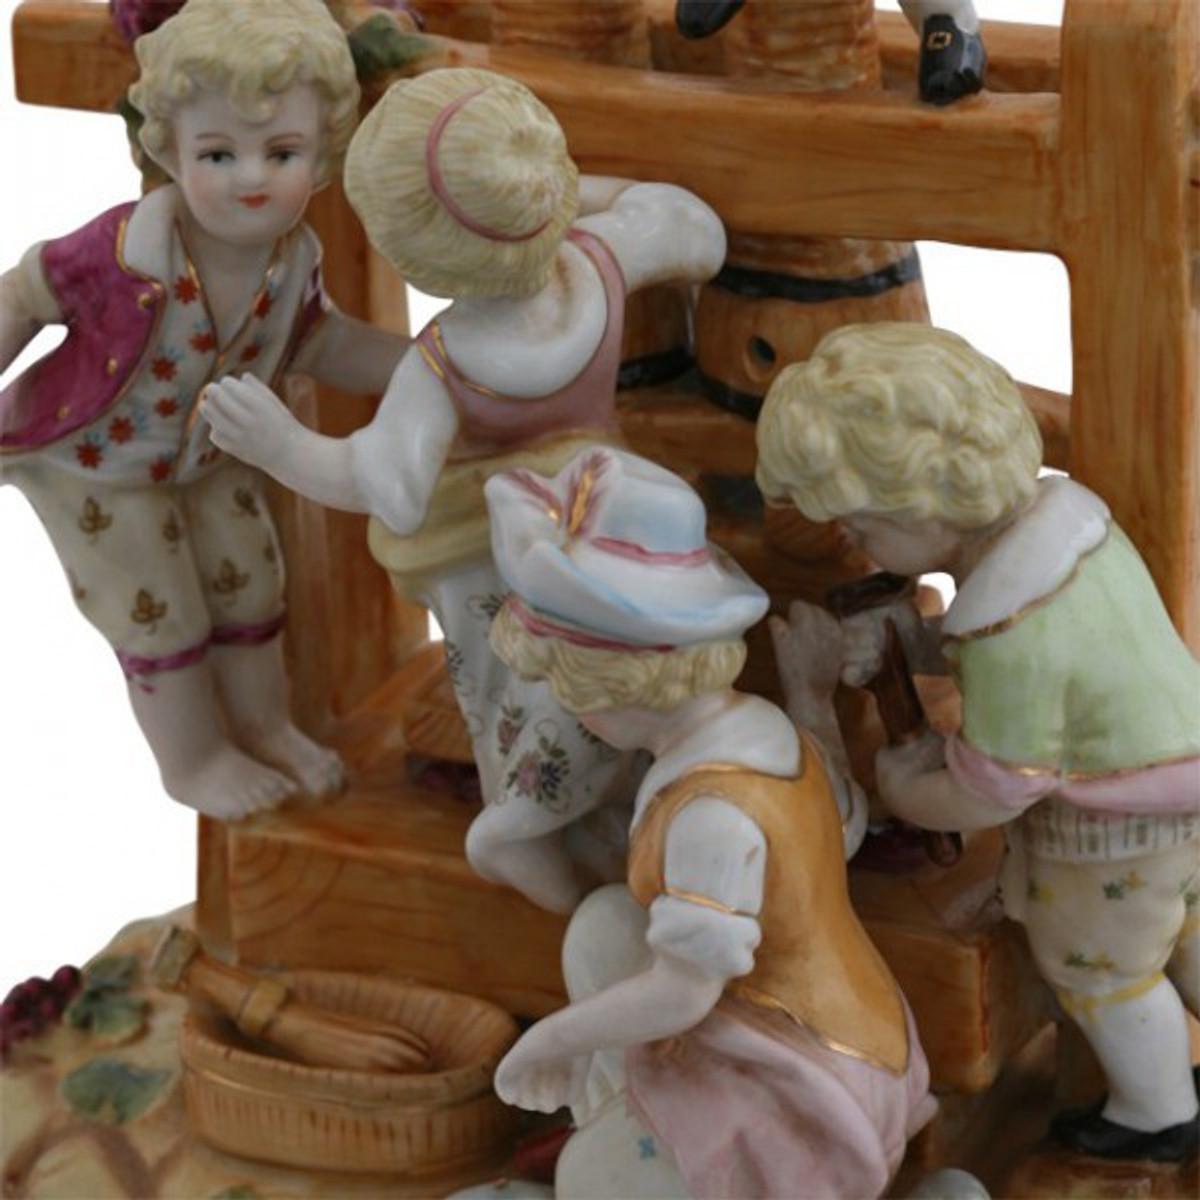 Figuren aus Porzellan bei Weinherstellung mit Kelter. Urige Gasthaus Dekoration.